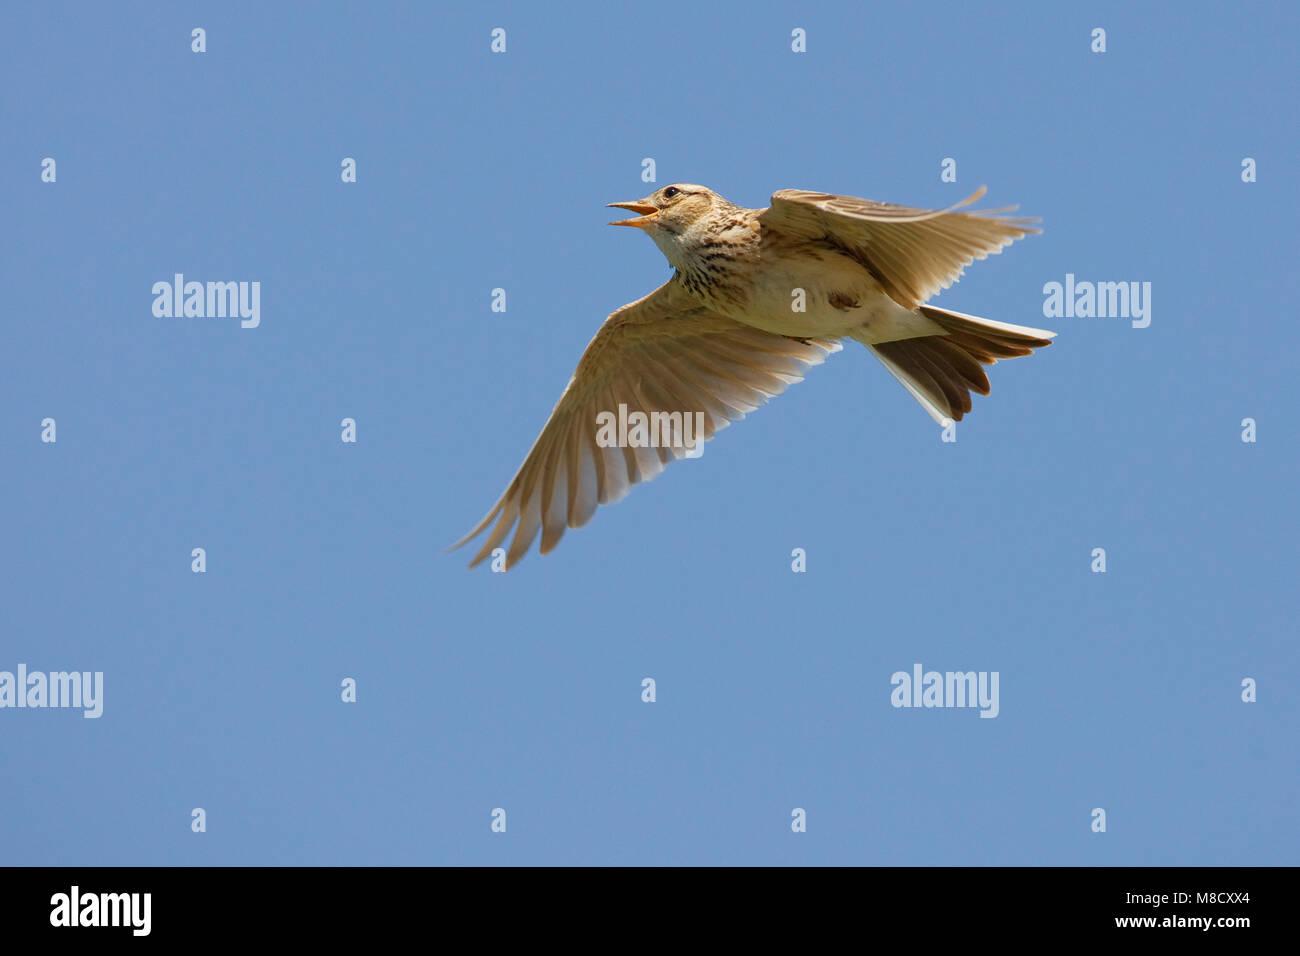 Veldleeuwerik tijdens zangvlucht; Eurasian Skylark in song flight - Stock Image